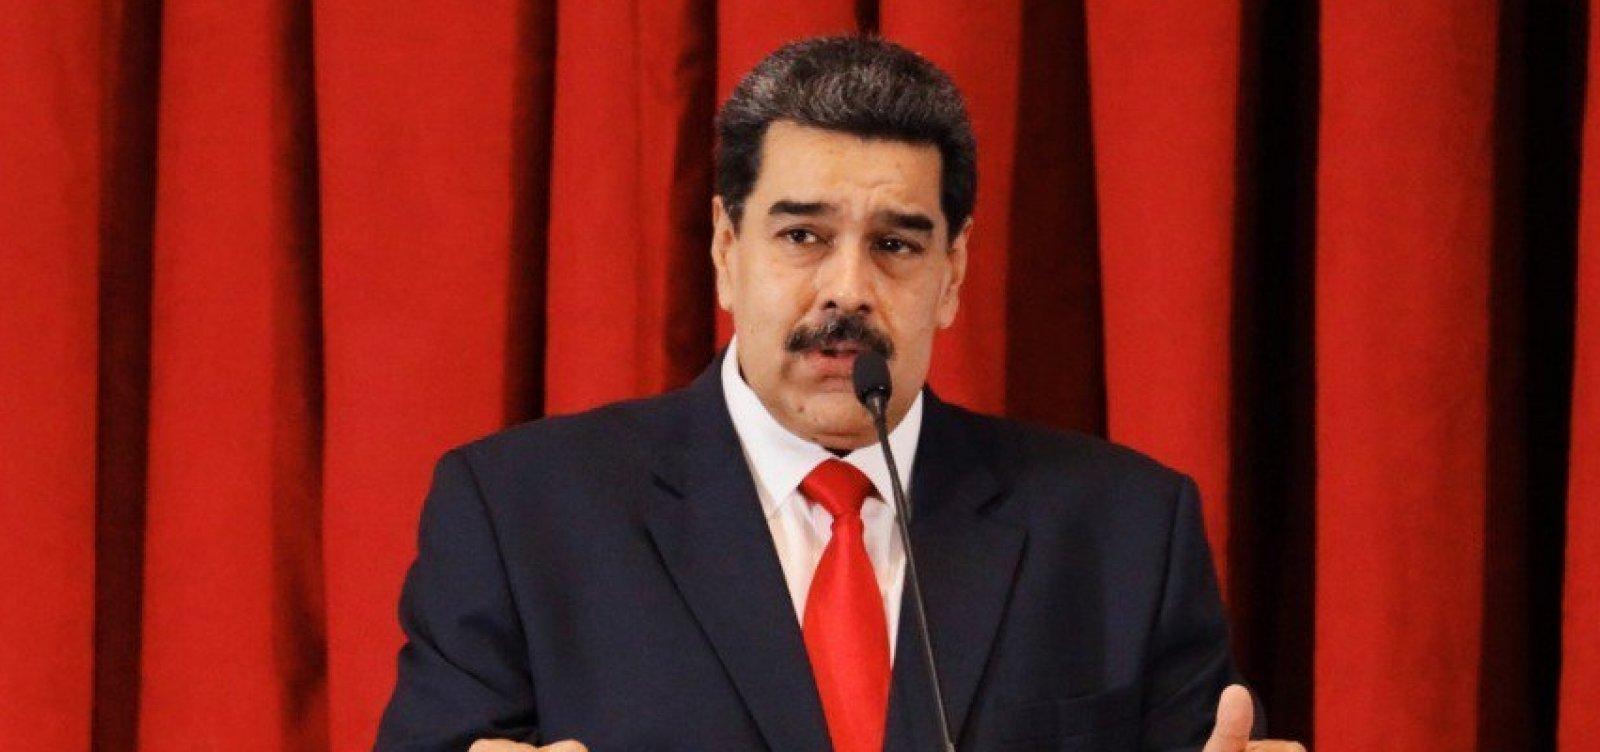 [Maduro nega ter perdido apoio de militares e acusa oposição de golpe]